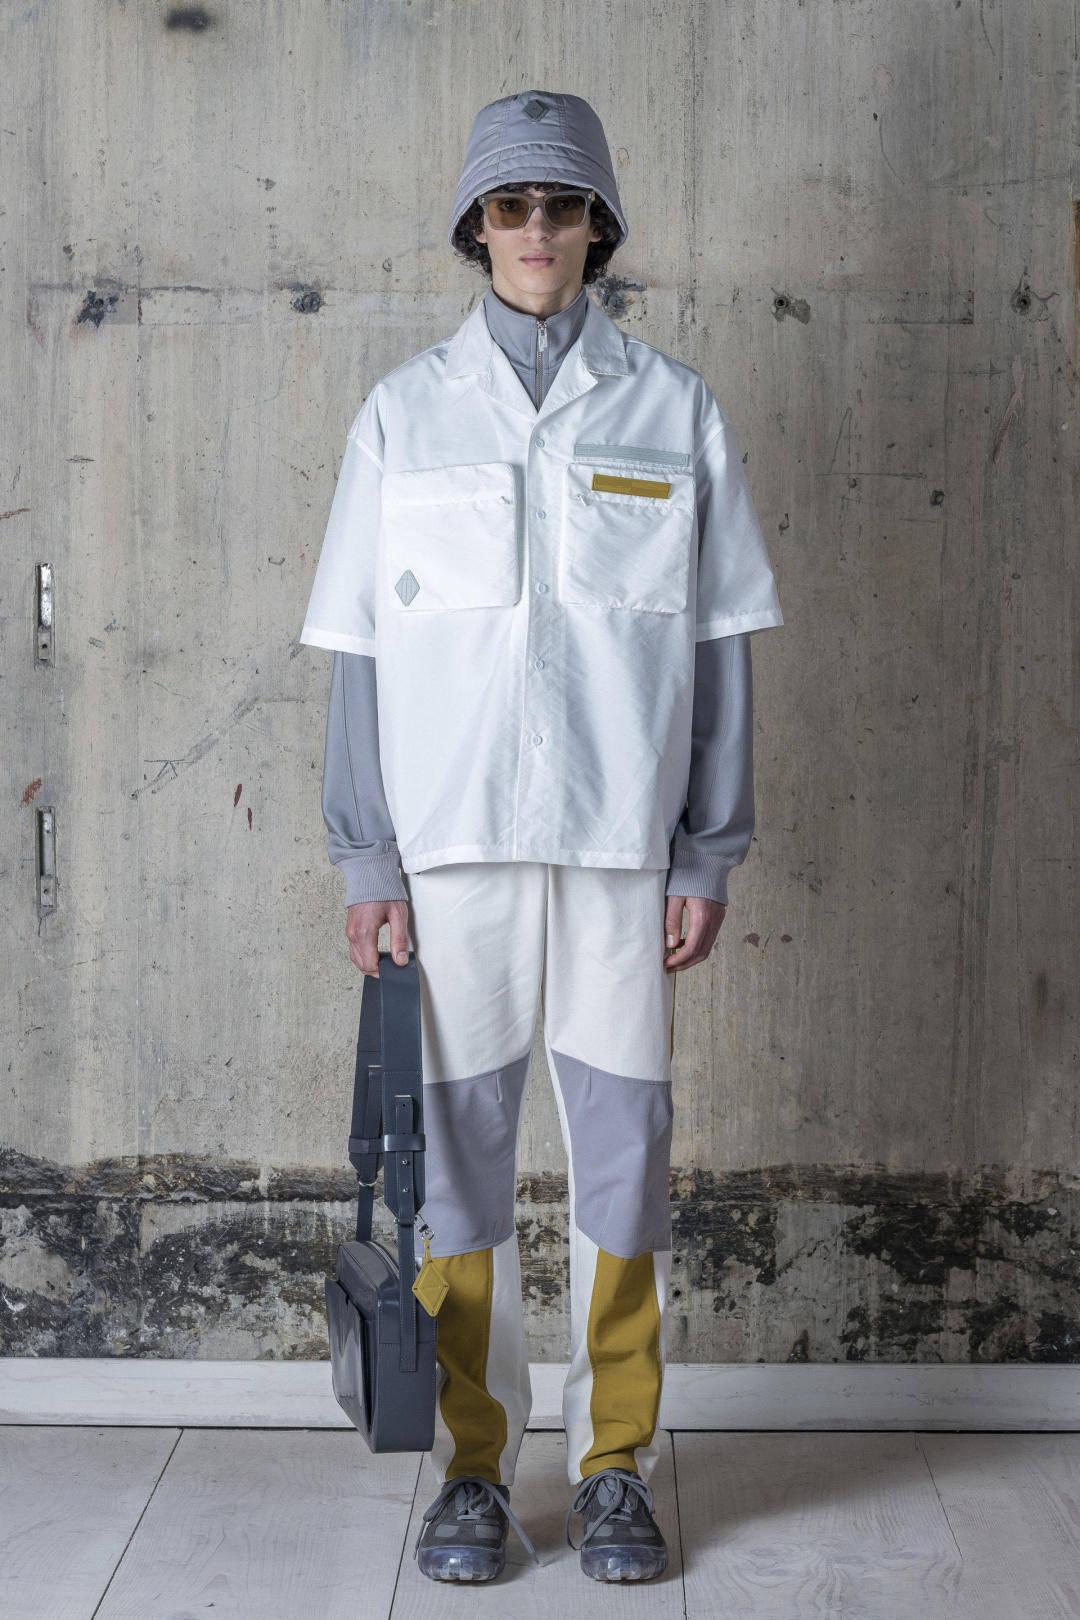 2021/22秋冬米兰男装时装周 诠释当代男装之美! 爸爸 第30张